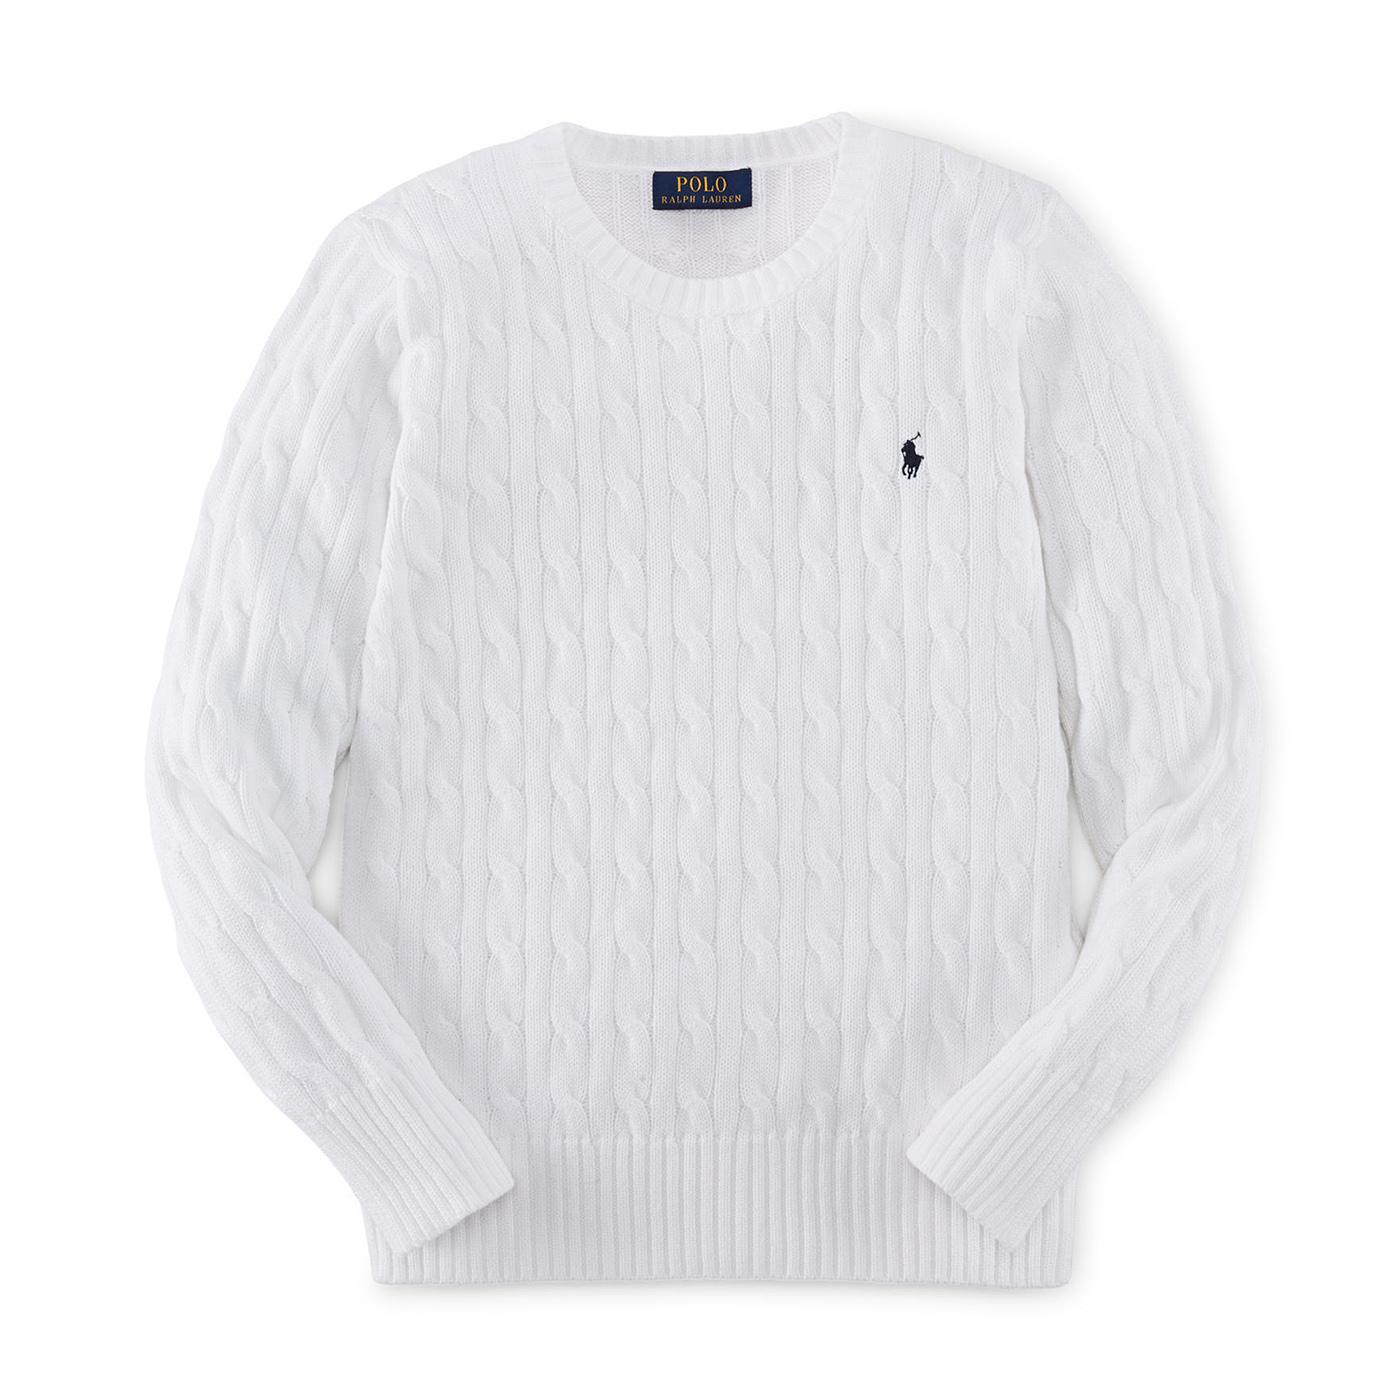 美國百分百【Ralph Lauren】針織衫 RL polo 小馬 棉質毛衣 線衫 麻花 白色 XS S號 C459